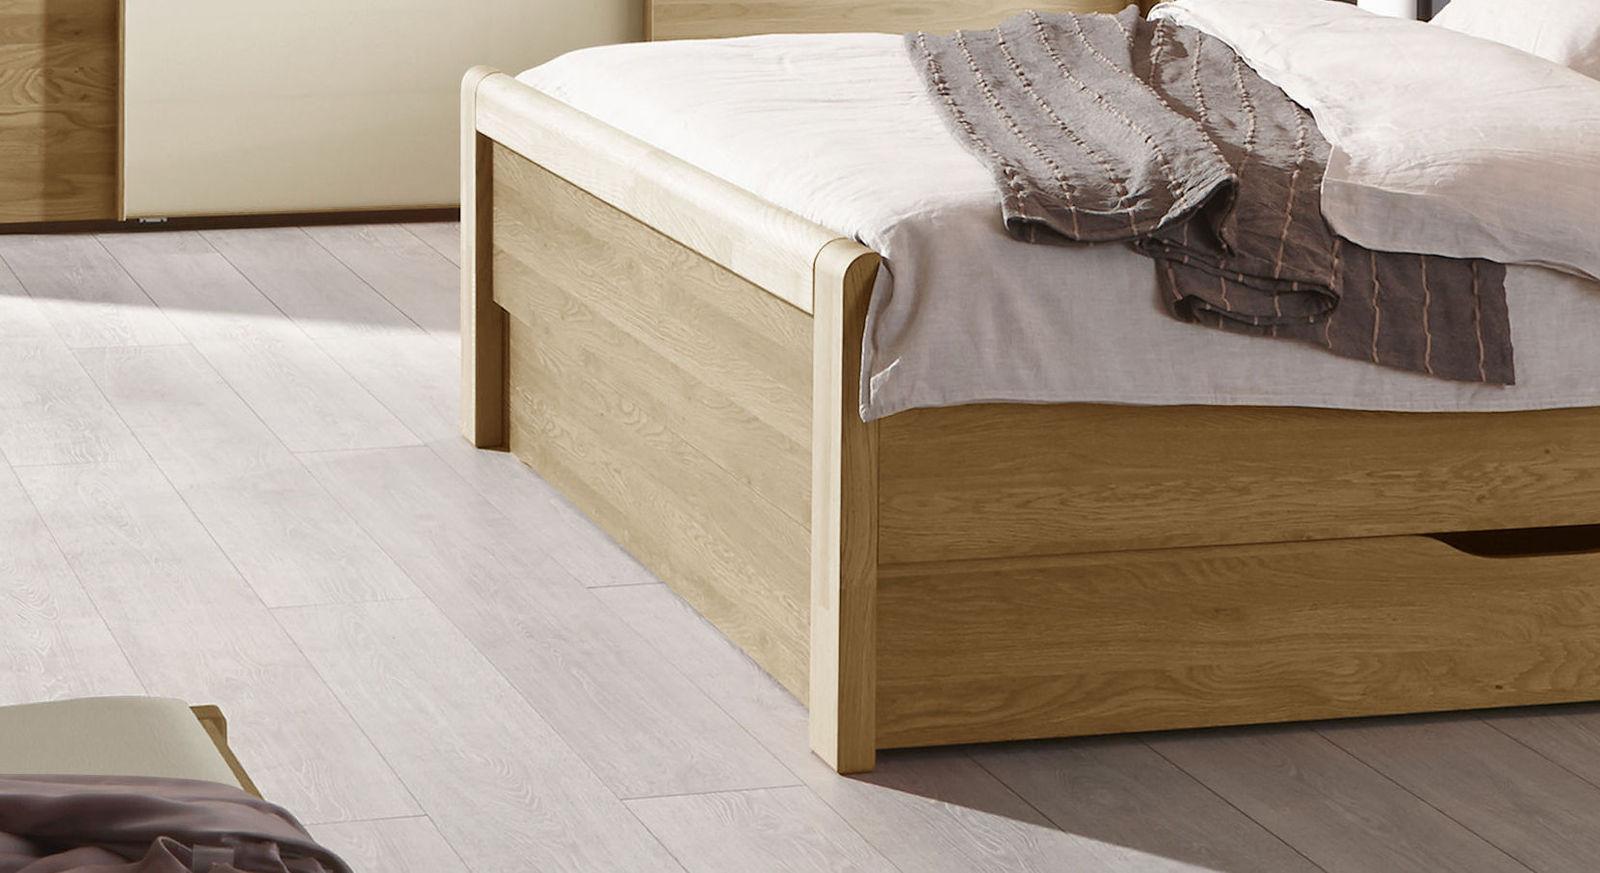 schubkastenbett teilmassive eiche mit kunstleder kopfteil praia. Black Bedroom Furniture Sets. Home Design Ideas